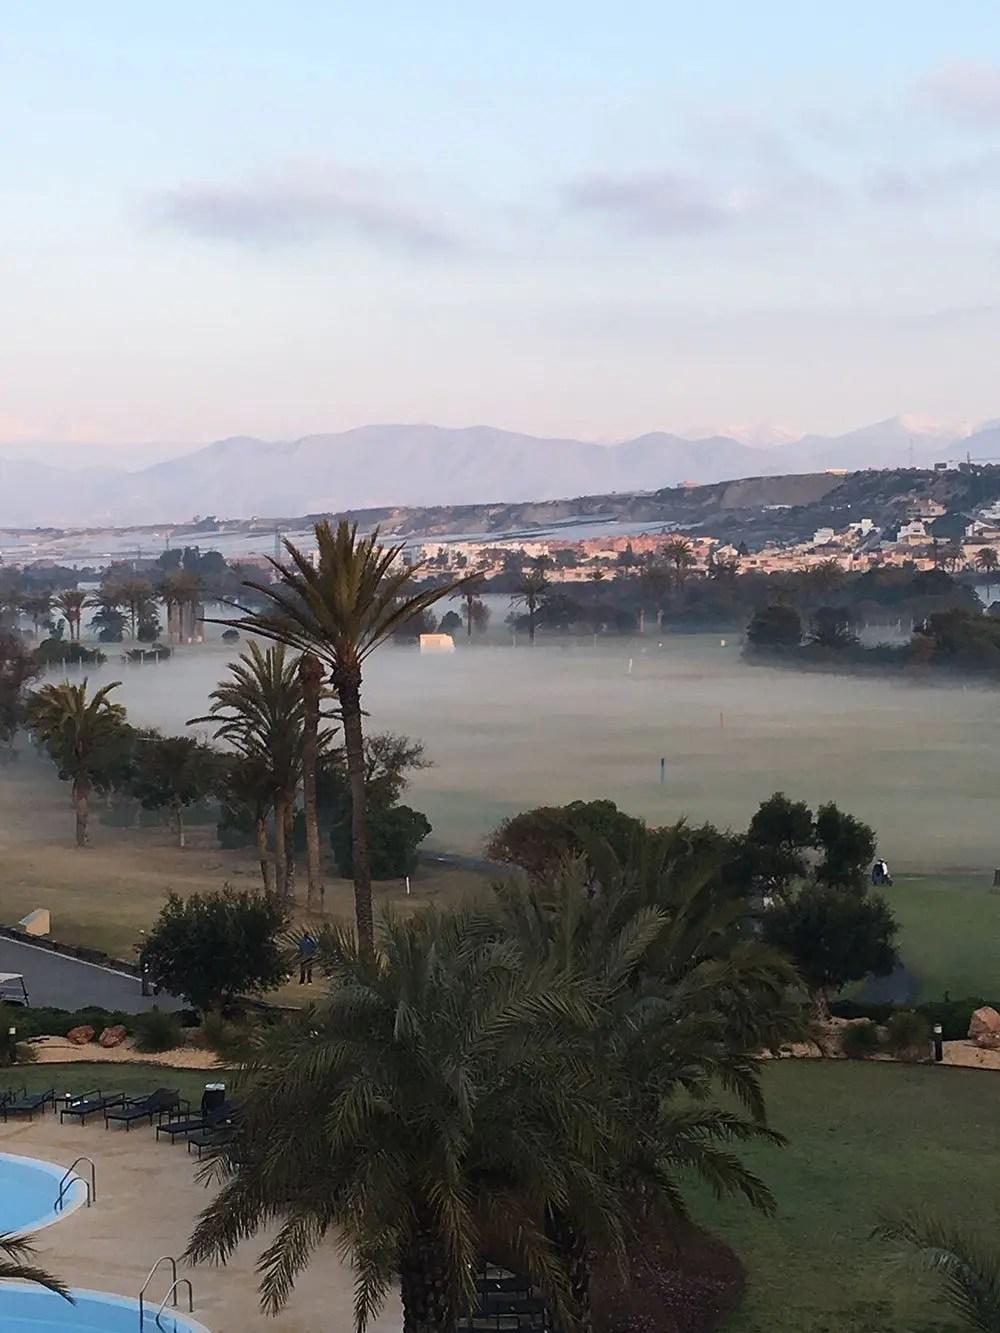 Golf course at Almerimar